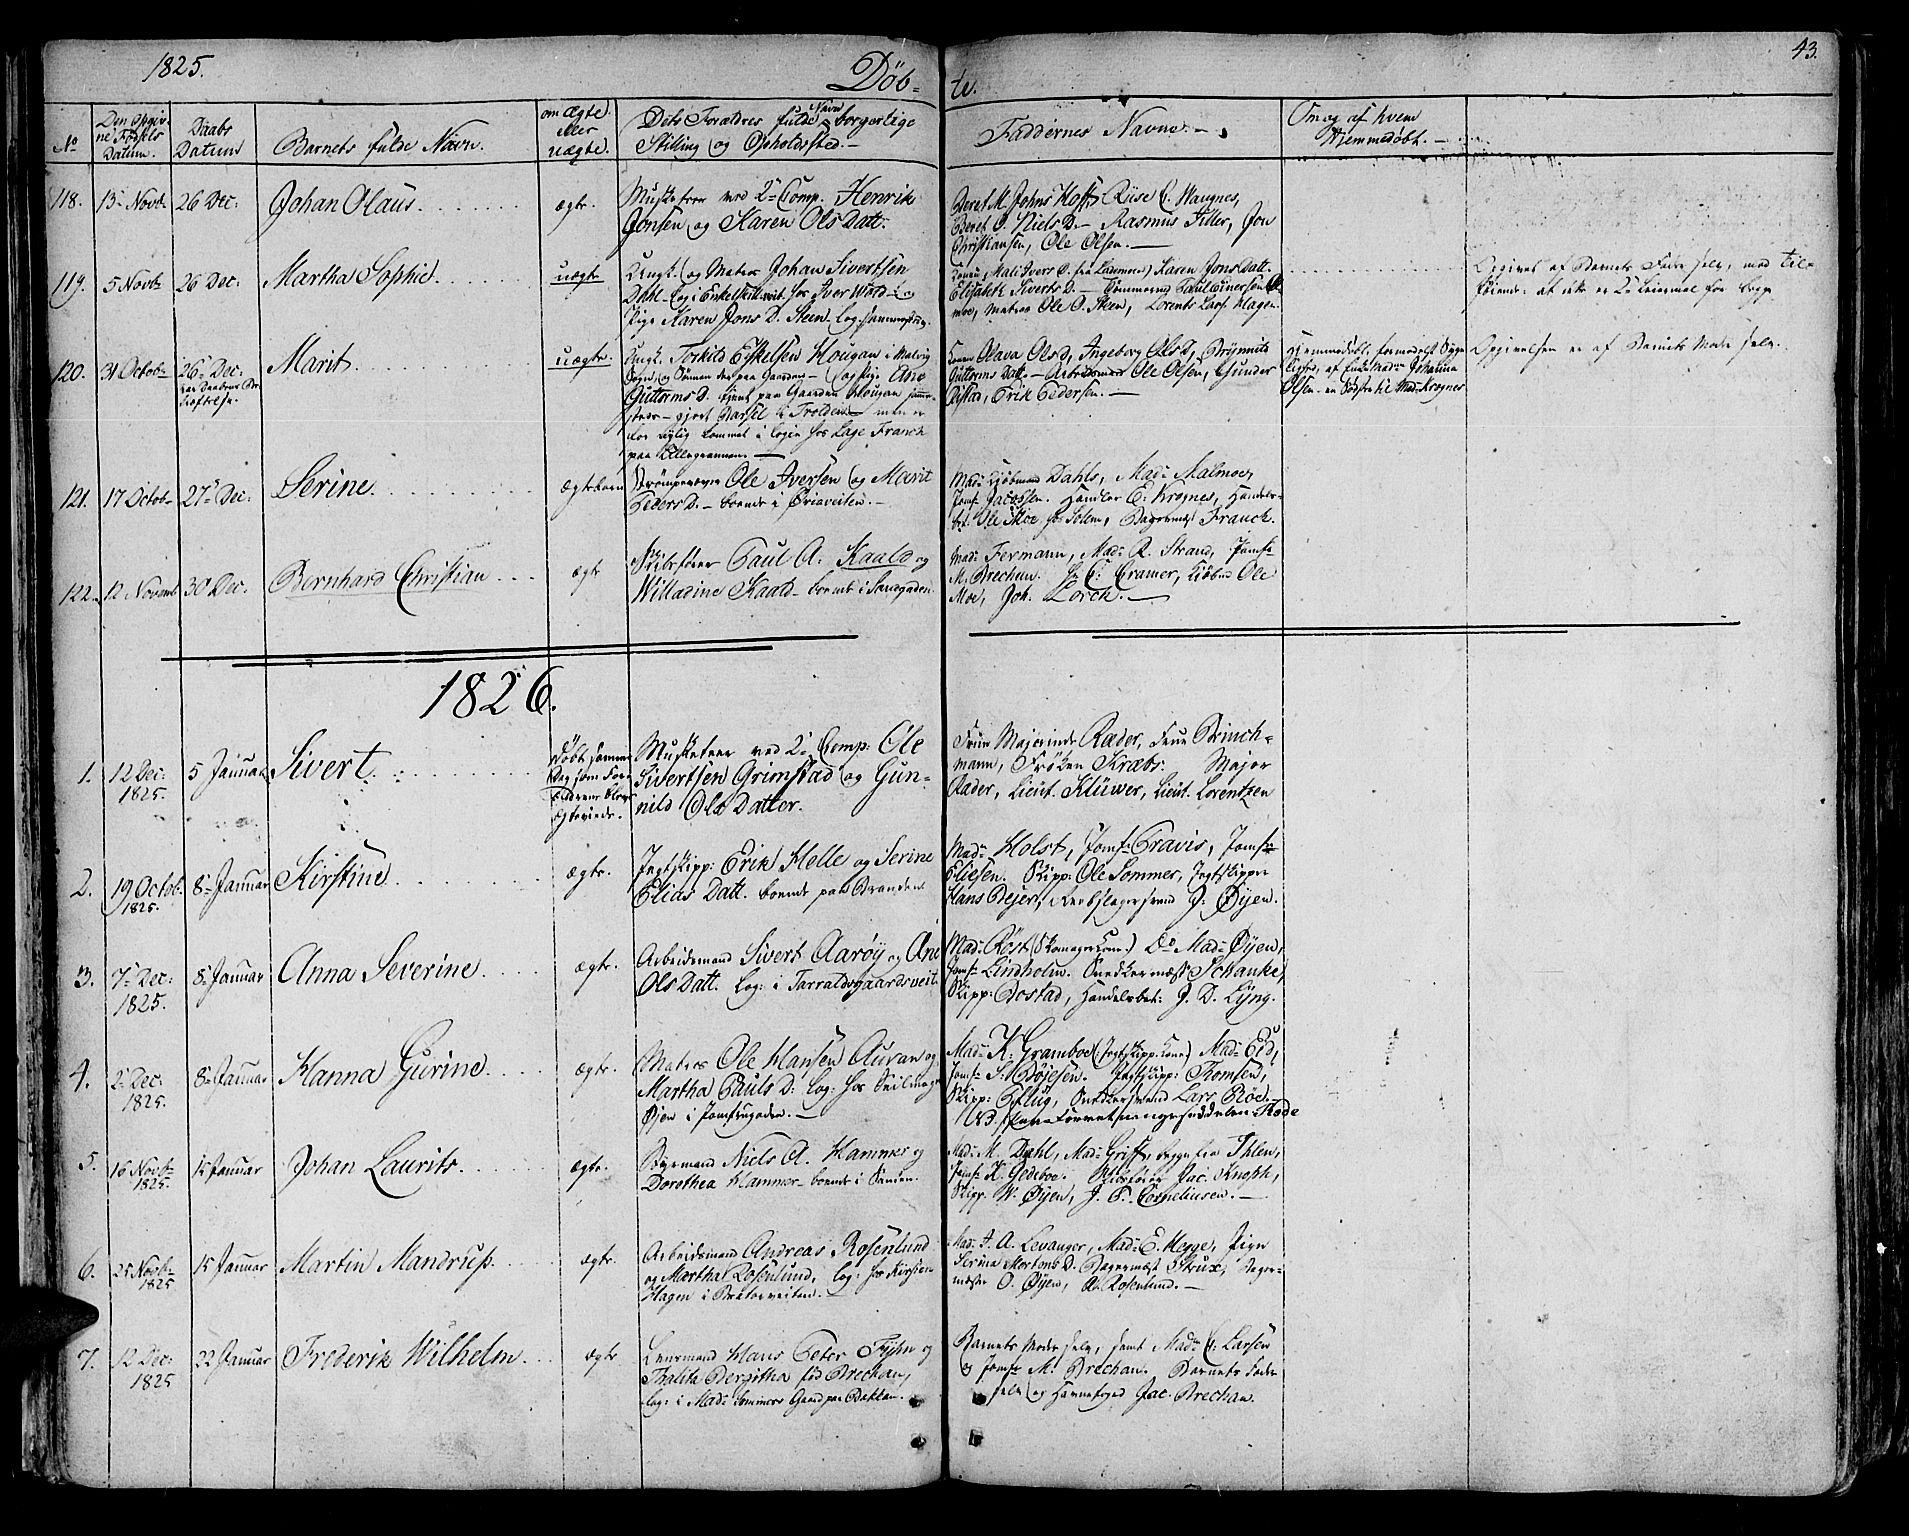 SAT, Ministerialprotokoller, klokkerbøker og fødselsregistre - Sør-Trøndelag, 602/L0108: Ministerialbok nr. 602A06, 1821-1839, s. 43